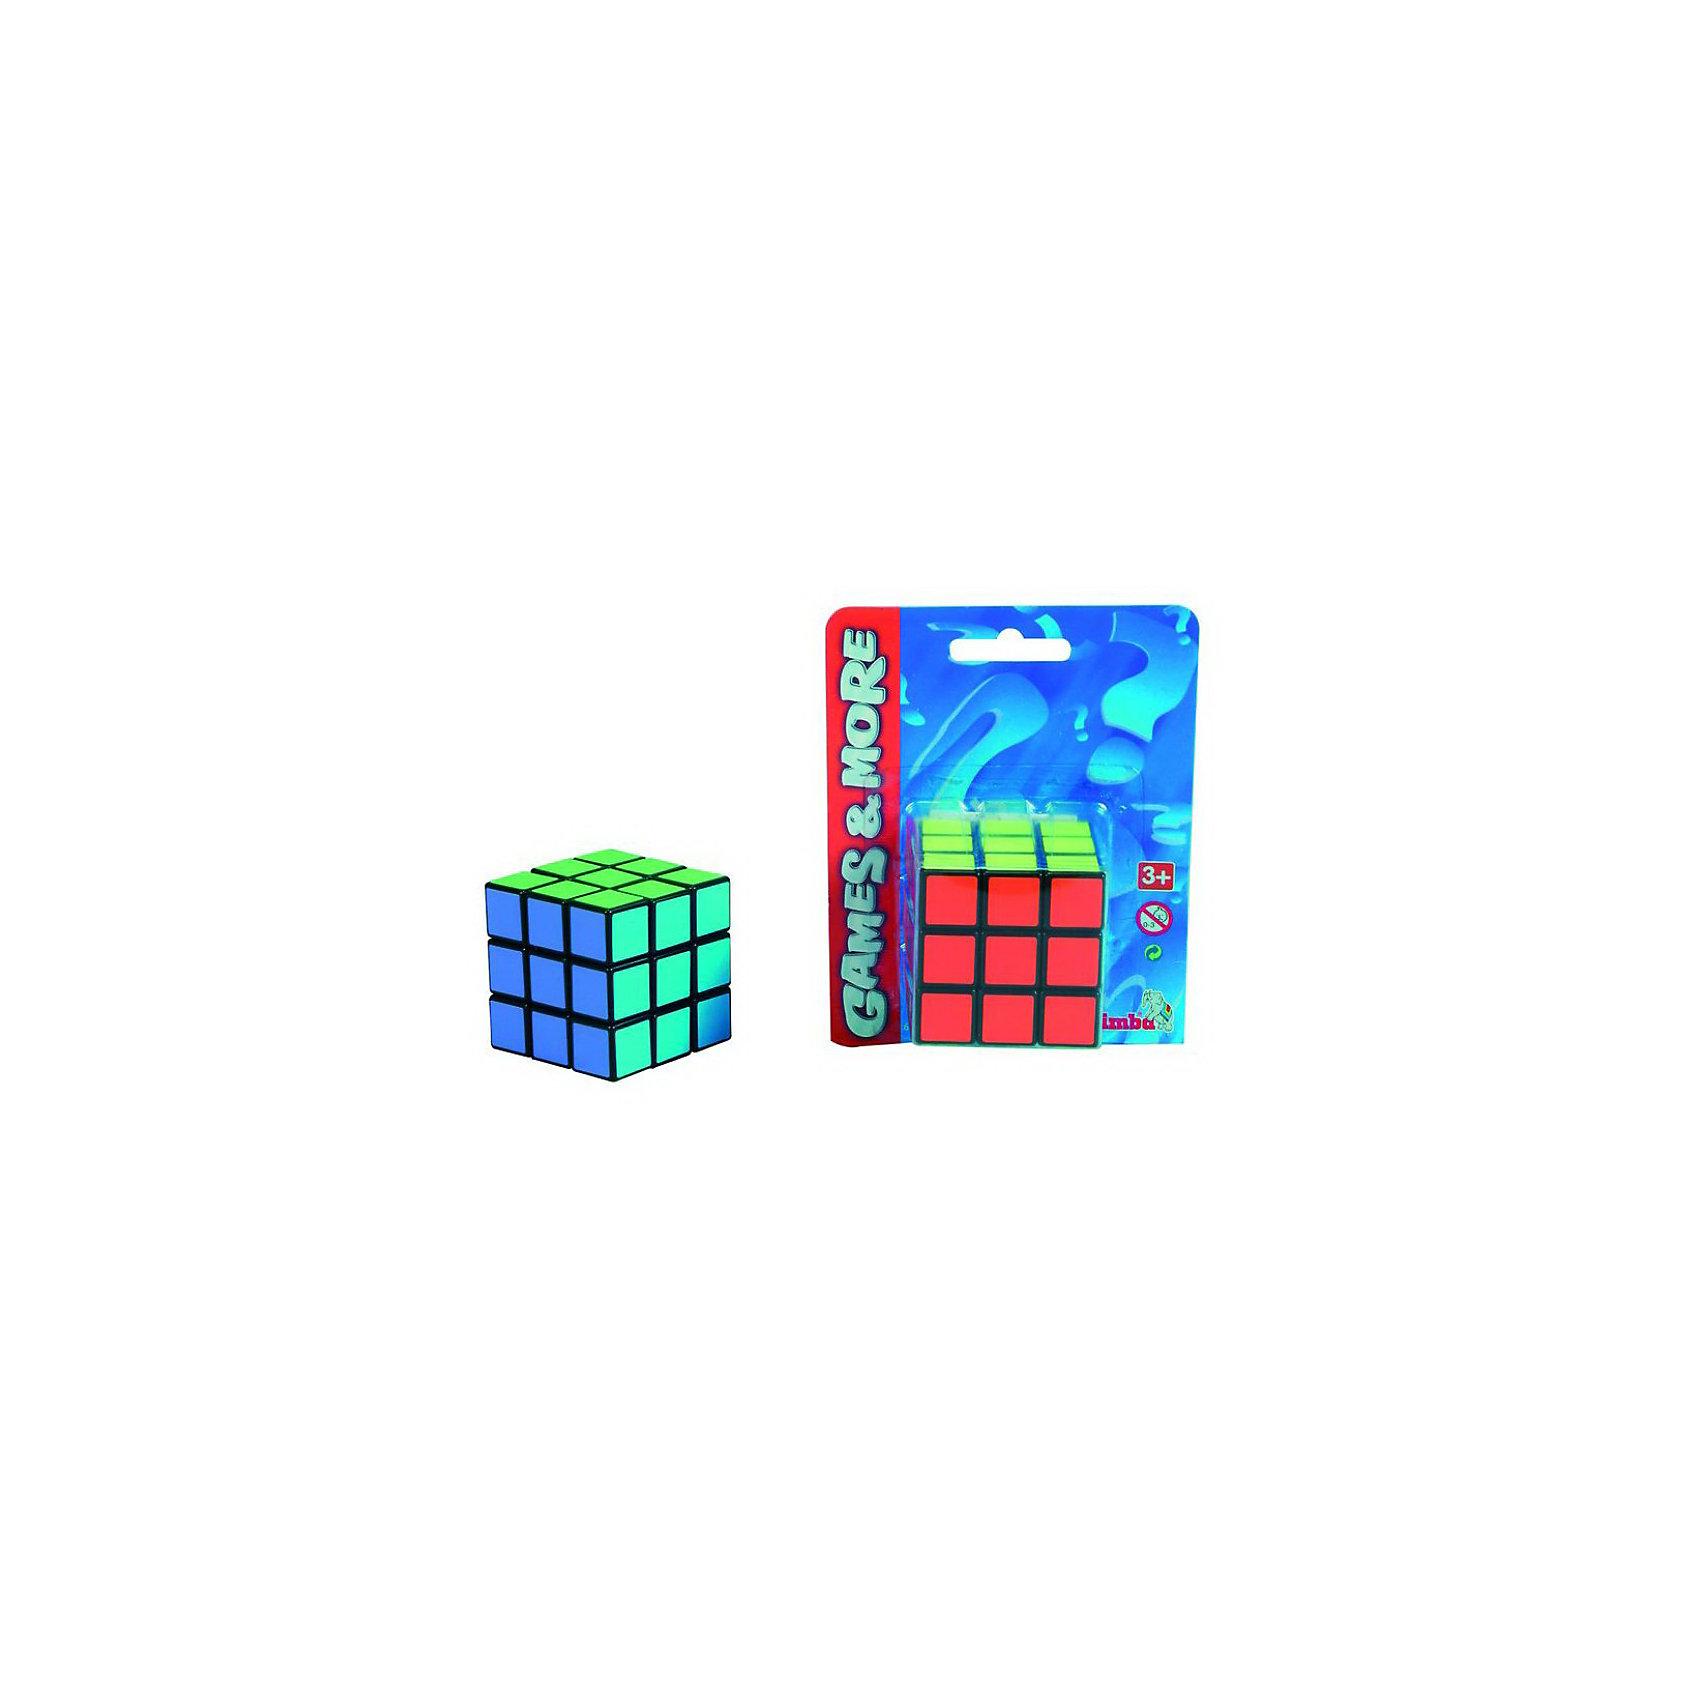 Головоломка, SimbaГоловоломки<br>Знаменитая головоломка Кубик Рубика займет ребенка как дома, так и в дальней поездке. Игрушка способствует развитию логики и пространственного мышления.<br><br>Дополнительная информация:<br><br>- Материал: высококачественная пластмасса<br>- Размер игрушки: 5,5 х 5,5 см.<br>- Размер упаковки: 12 х 5,5 х 15 см.<br><br>Приобрести головоломку можно в нашем магазине<br><br>Ширина мм: 149<br>Глубина мм: 118<br>Высота мм: 61<br>Вес г: 99<br>Возраст от месяцев: 96<br>Возраст до месяцев: 156<br>Пол: Унисекс<br>Возраст: Детский<br>SKU: 2261053